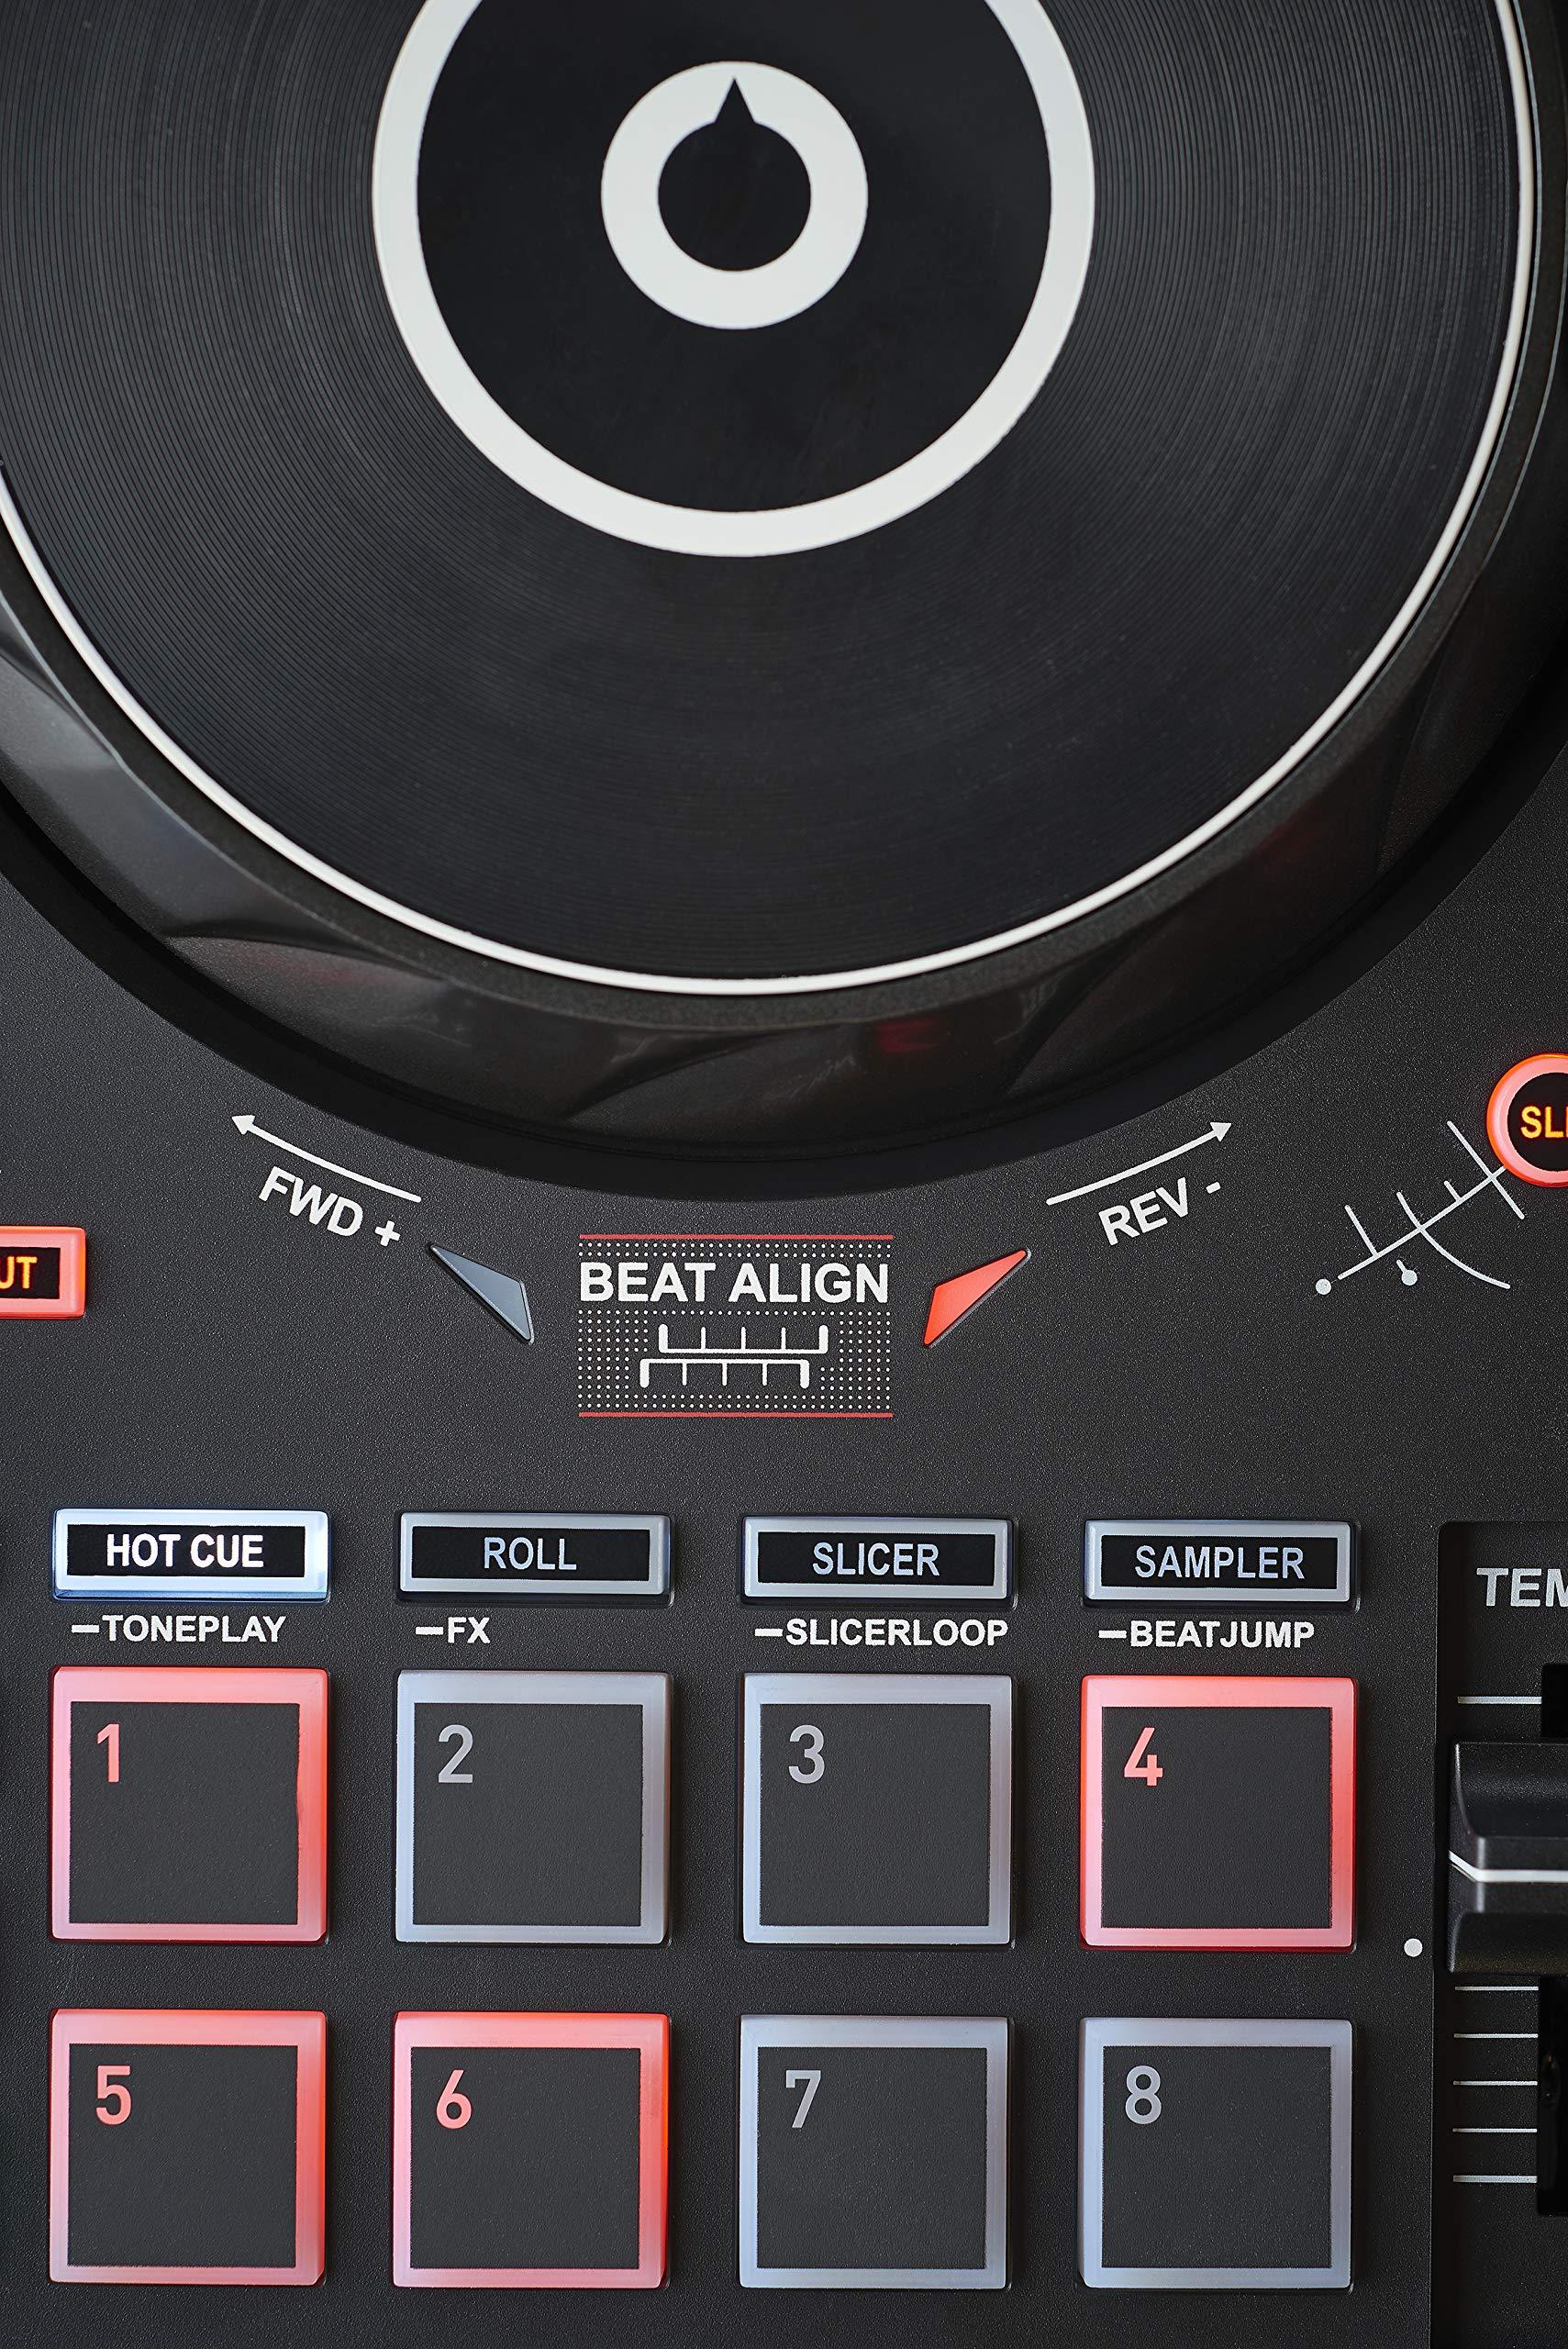 Hercules DJ Control Inpulse 300 (AMS-DJC-INPULSE-300) by Hercules DJ (Image #6)